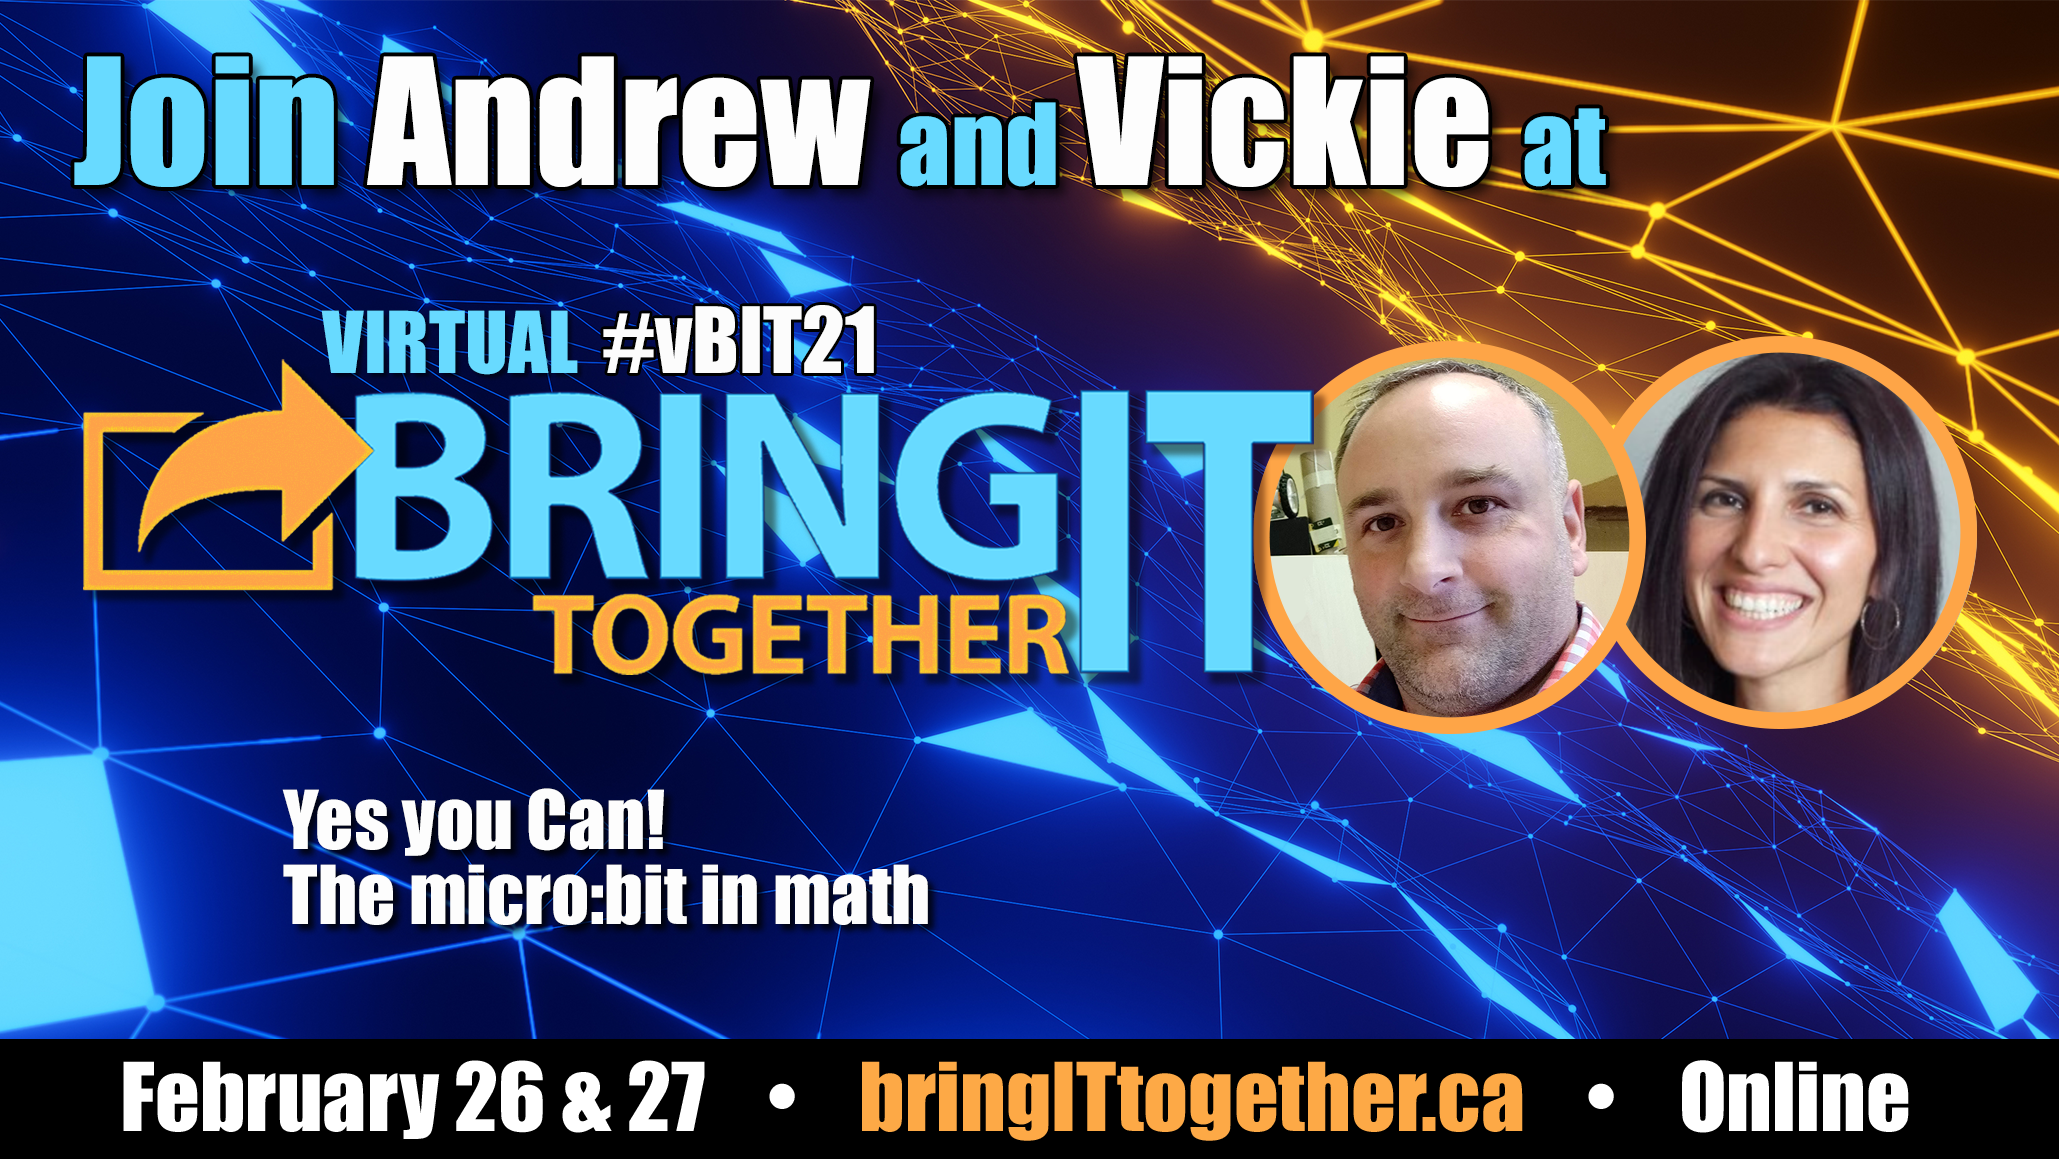 vBIT21_Andrew-Vickie